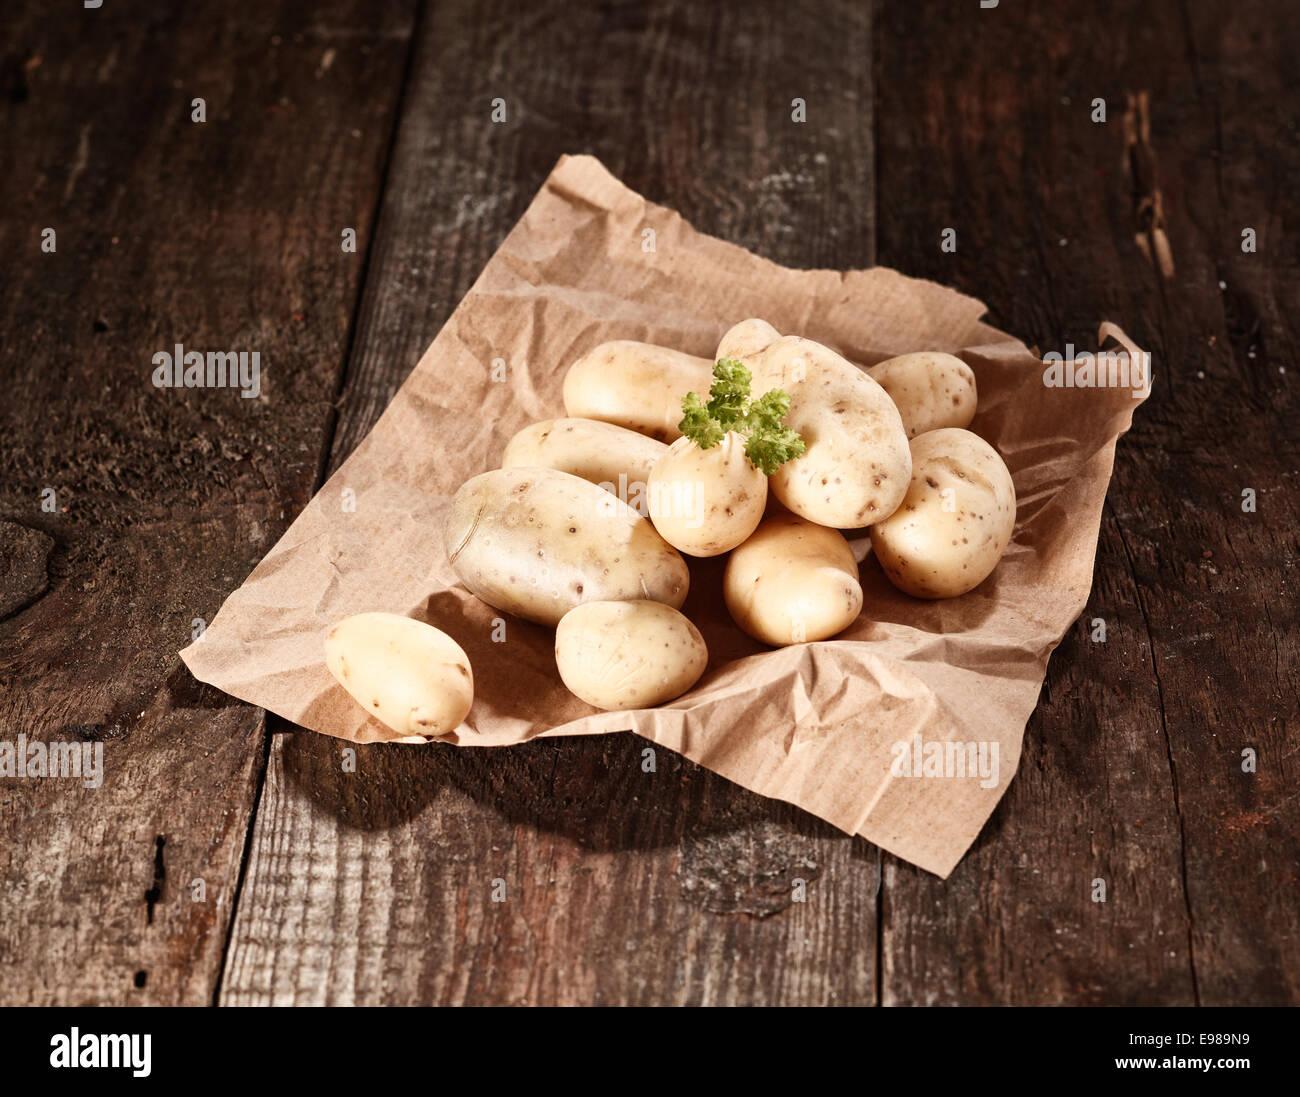 Granja de patatas lavadas fresco aparece en el doblado de papel marrón sobre una mesa de madera Imagen De Stock